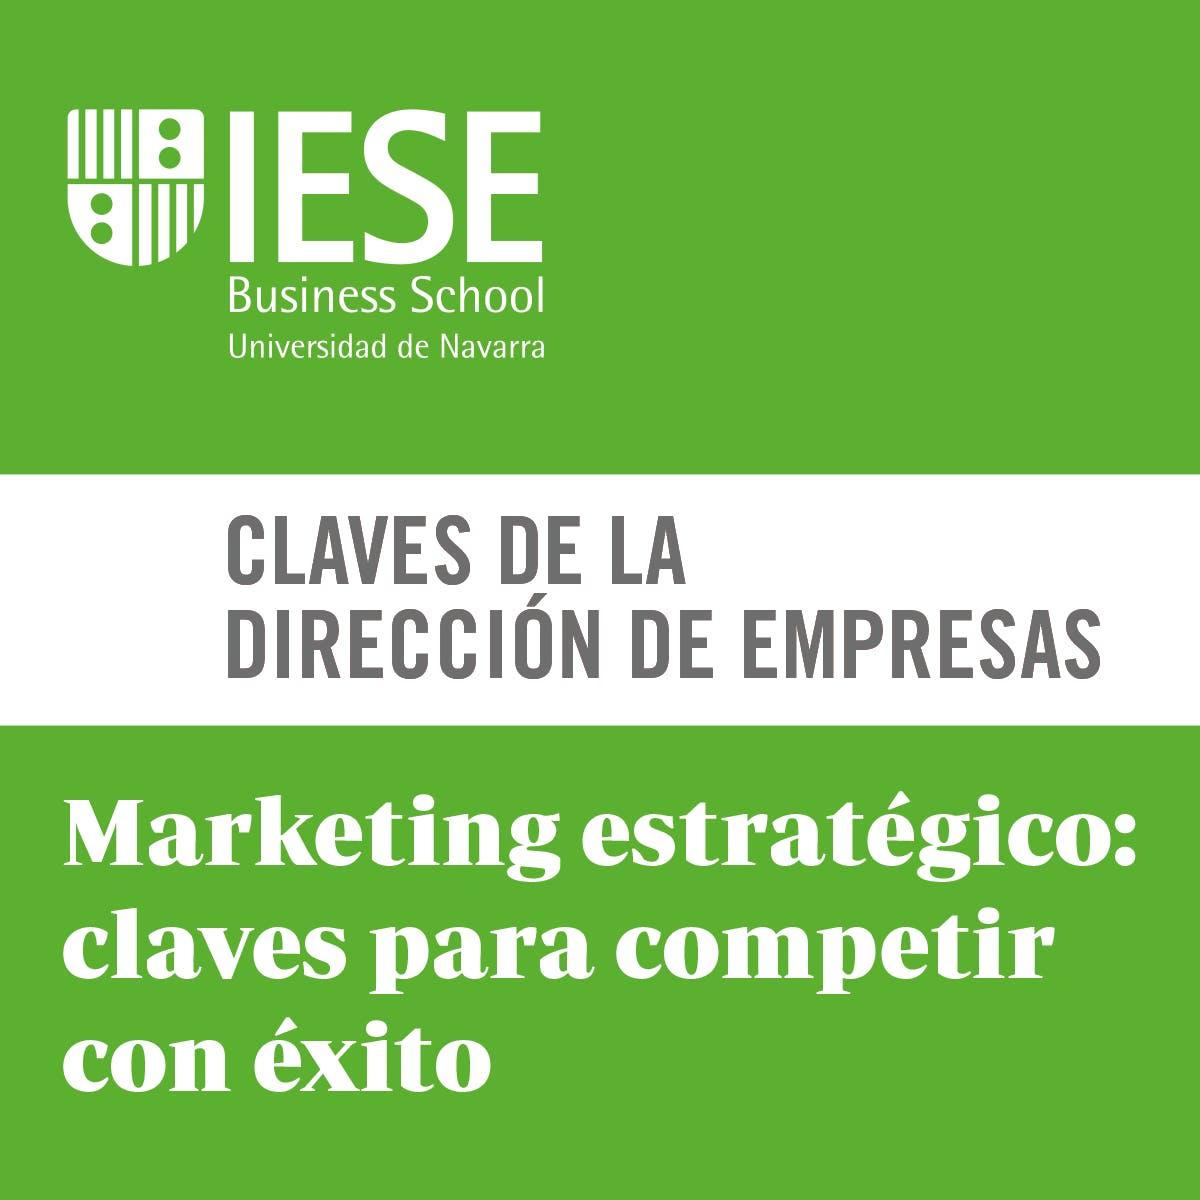 Marketing estratégico: claves para competir con éxito